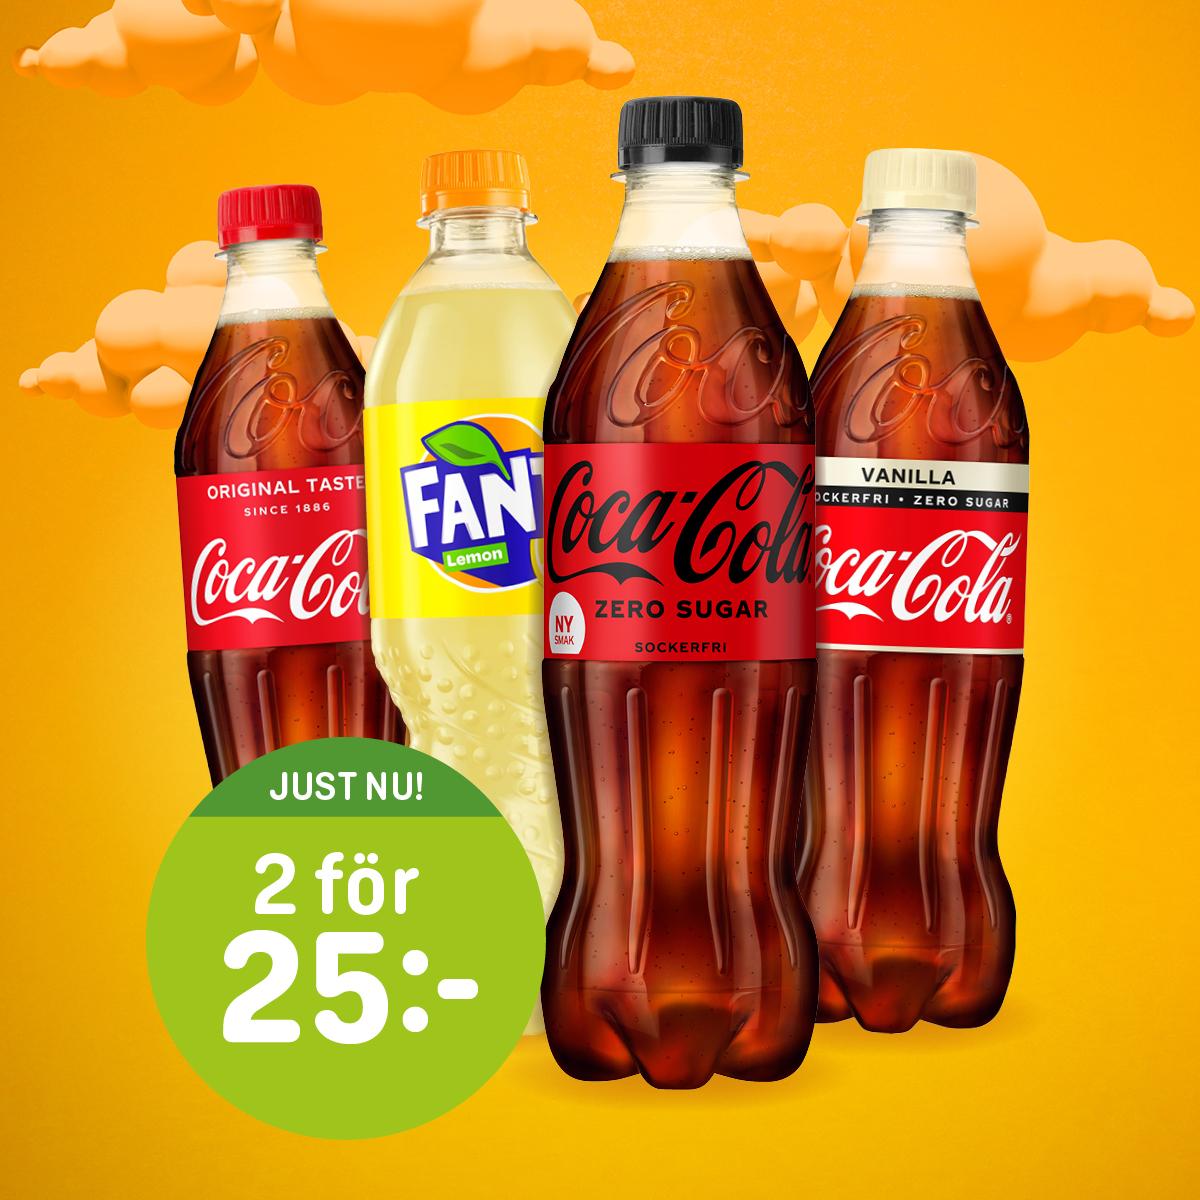 Dryck fr. Coca-Cola (50 cl) 2 för 25:- ex.pant (ord.pris 22:90/st ex.pant)